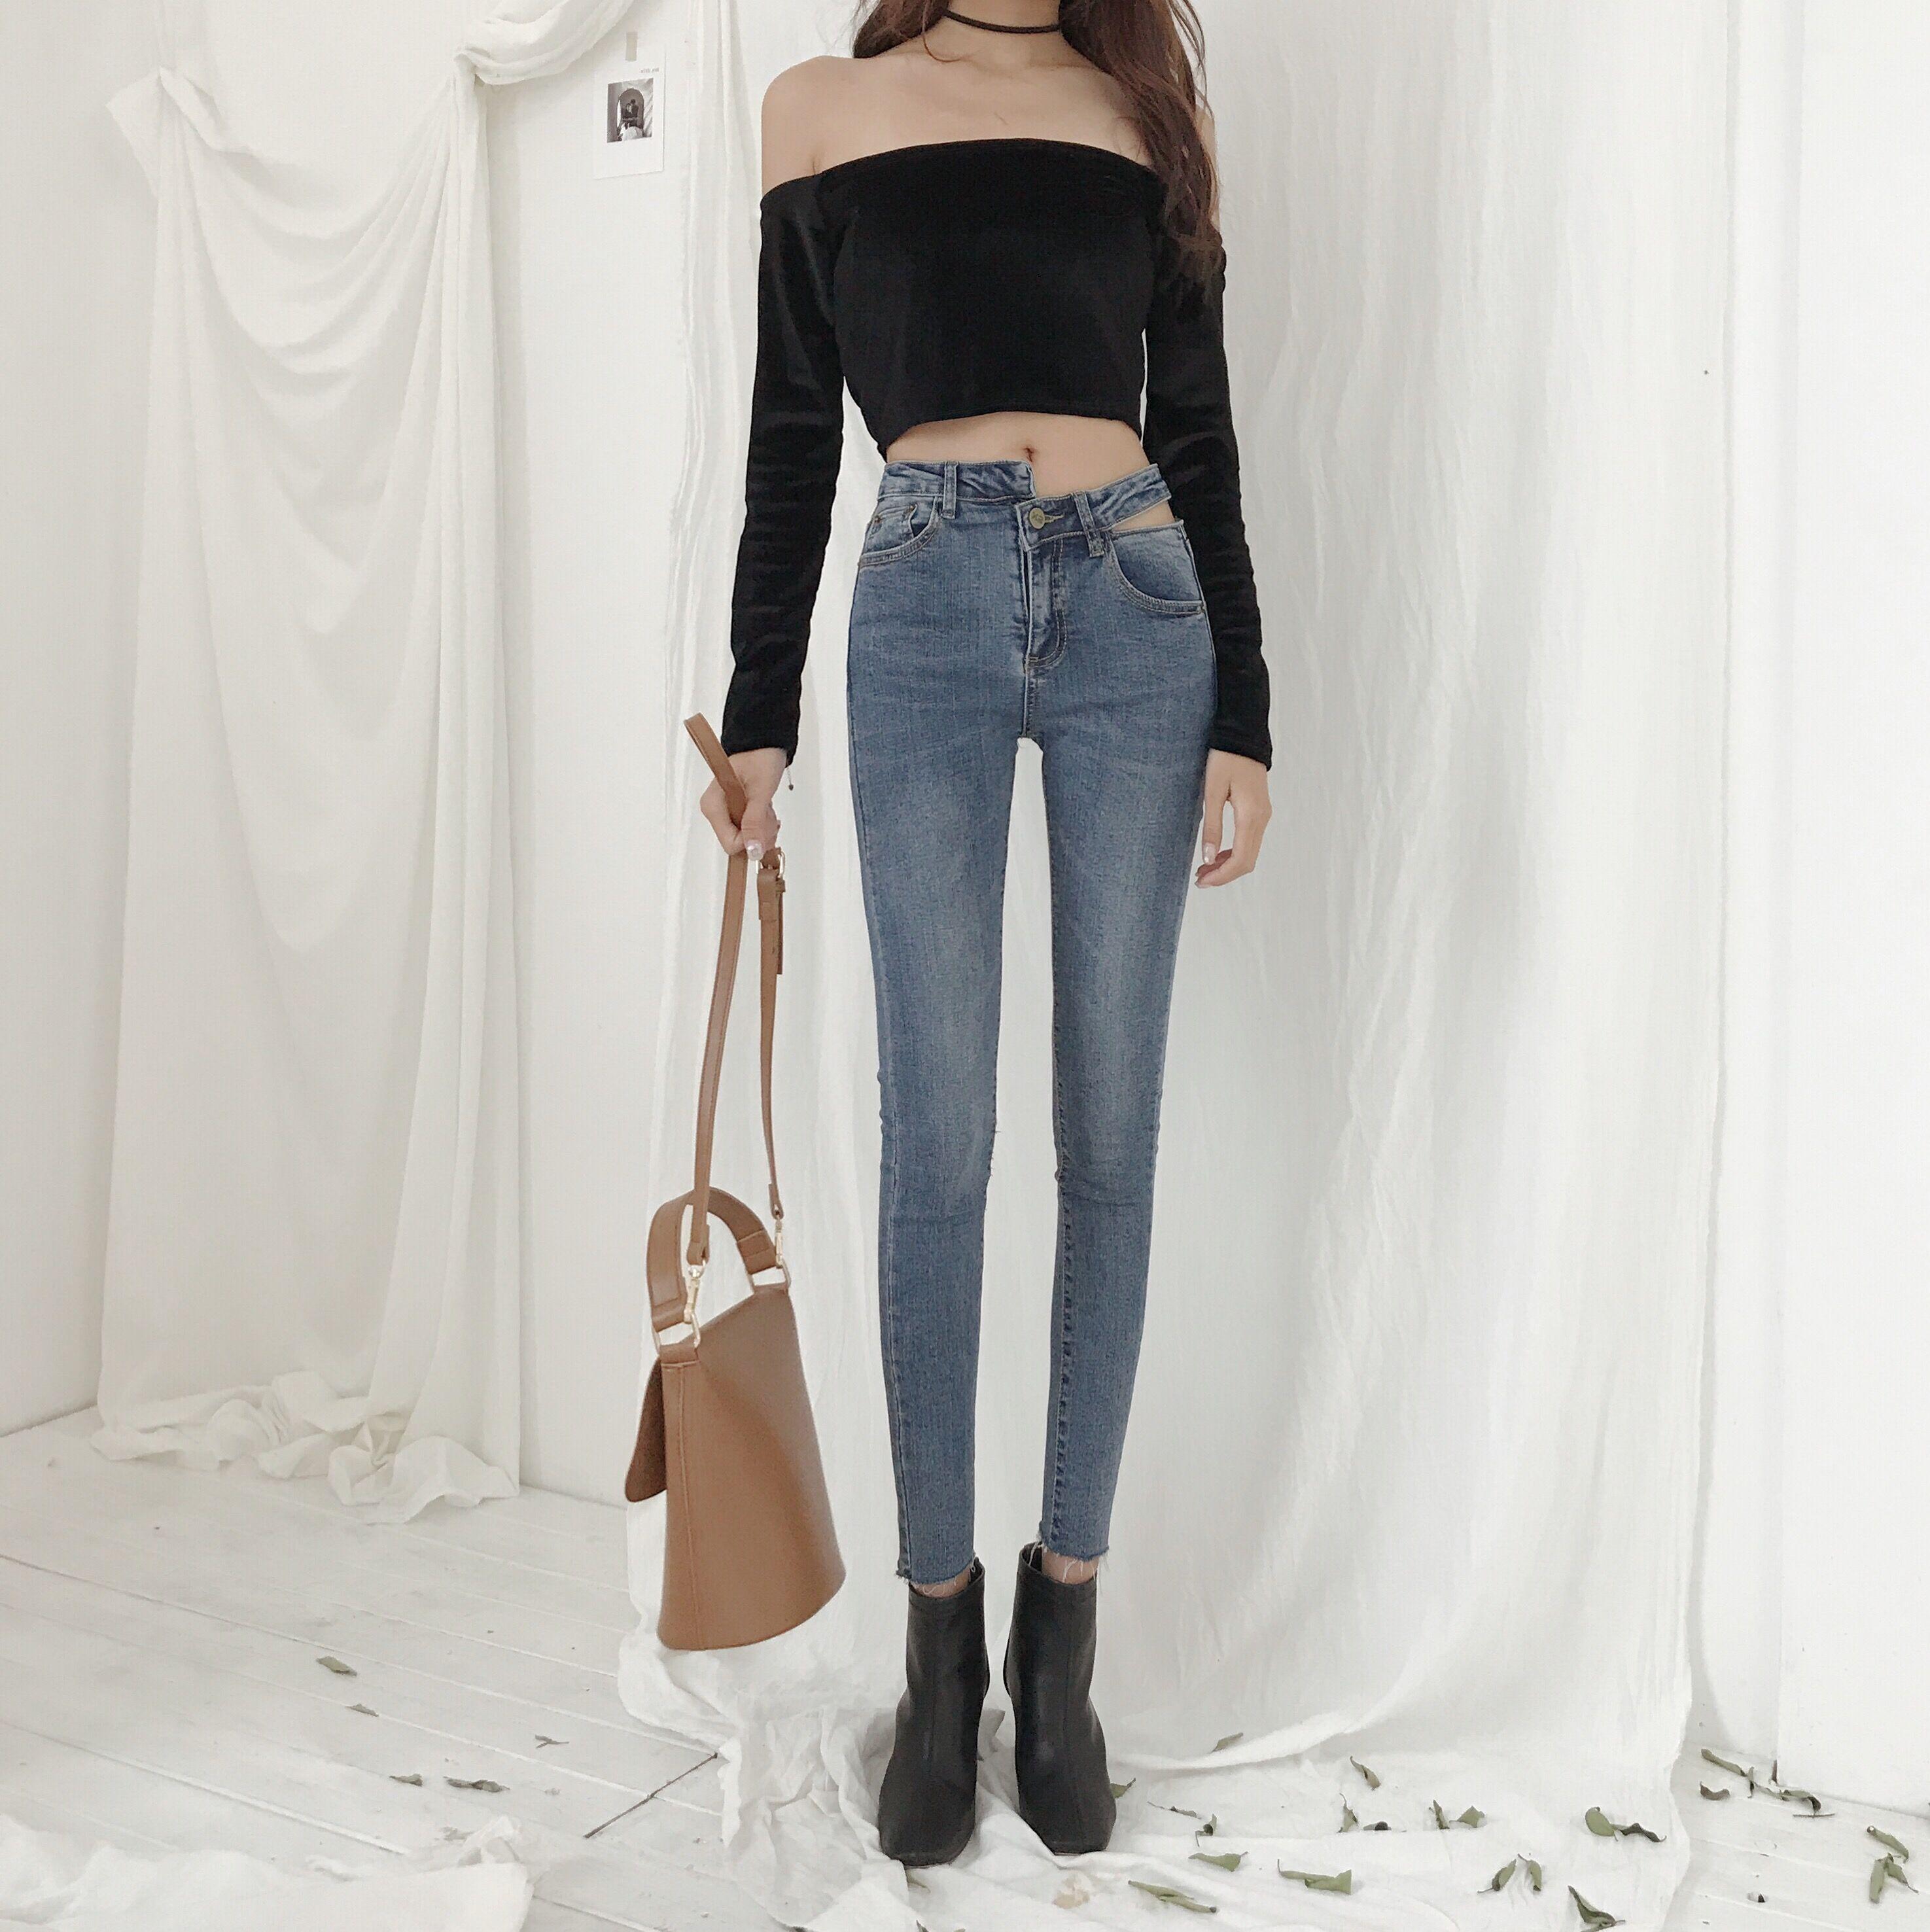 韩版不规则腰间开裂百搭牛仔裤春季高腰弹力显瘦撕边铅笔长裤女潮